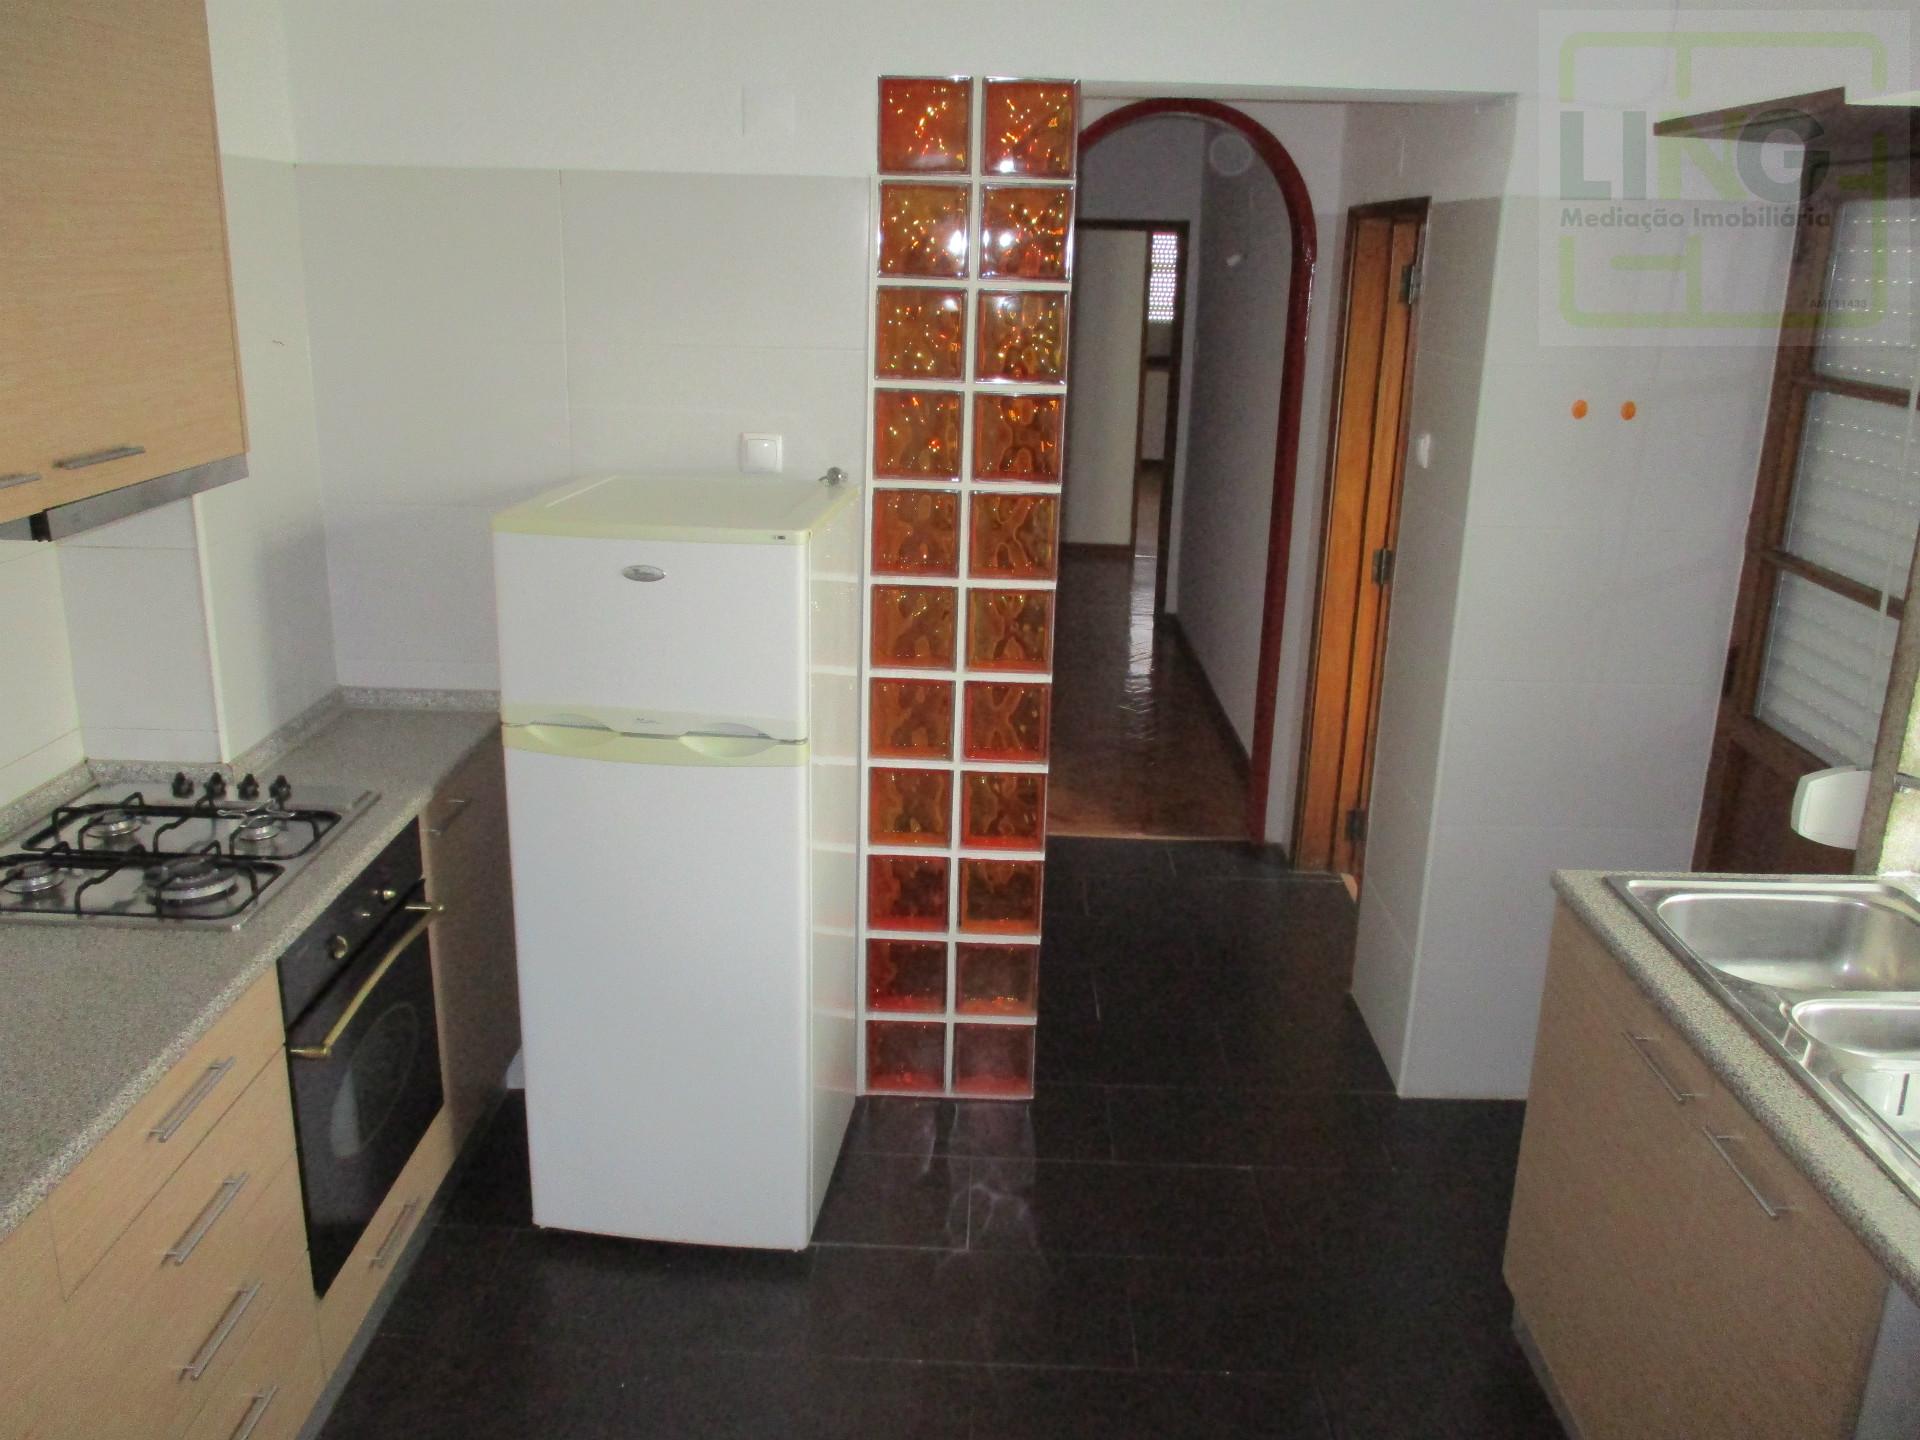 Apartamento  T4 em Castelo Branco - Castelo Branco para Arrendamento